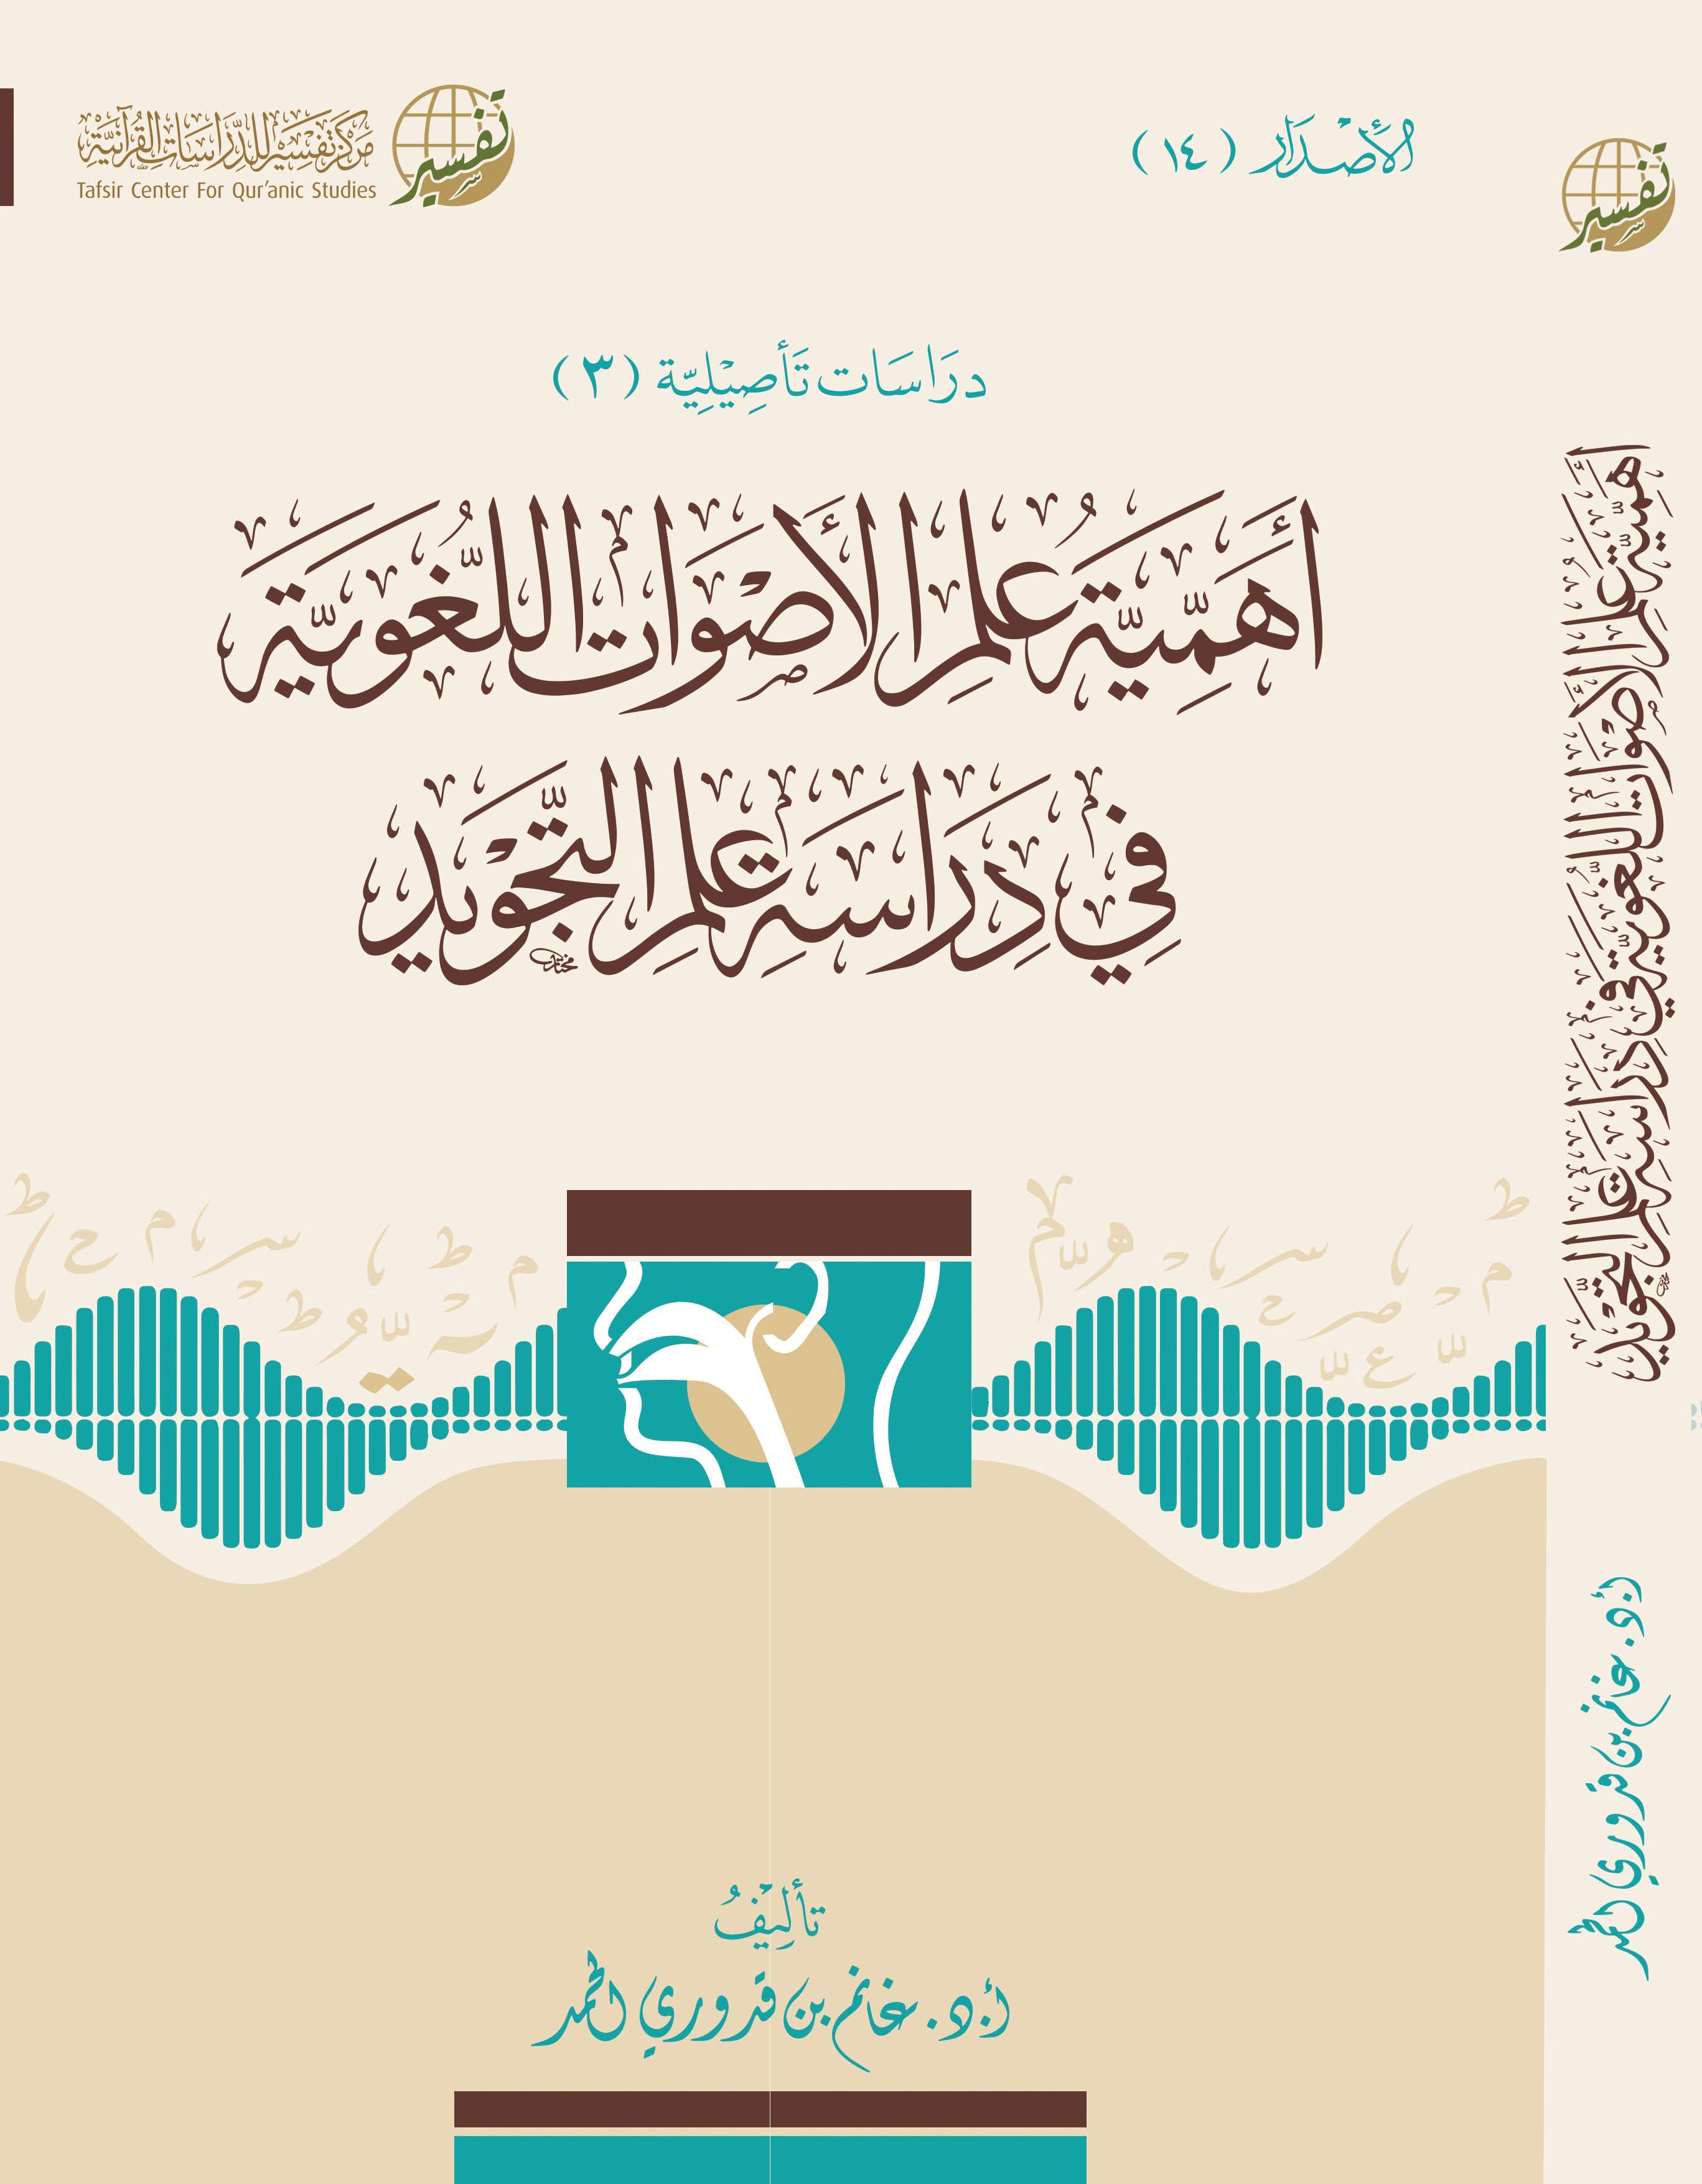 تحميل كتاب أهمية علم الأصوات اللغوية في دراسة علم التجويد لـِ: الدكتور غانم قدوري الحمد